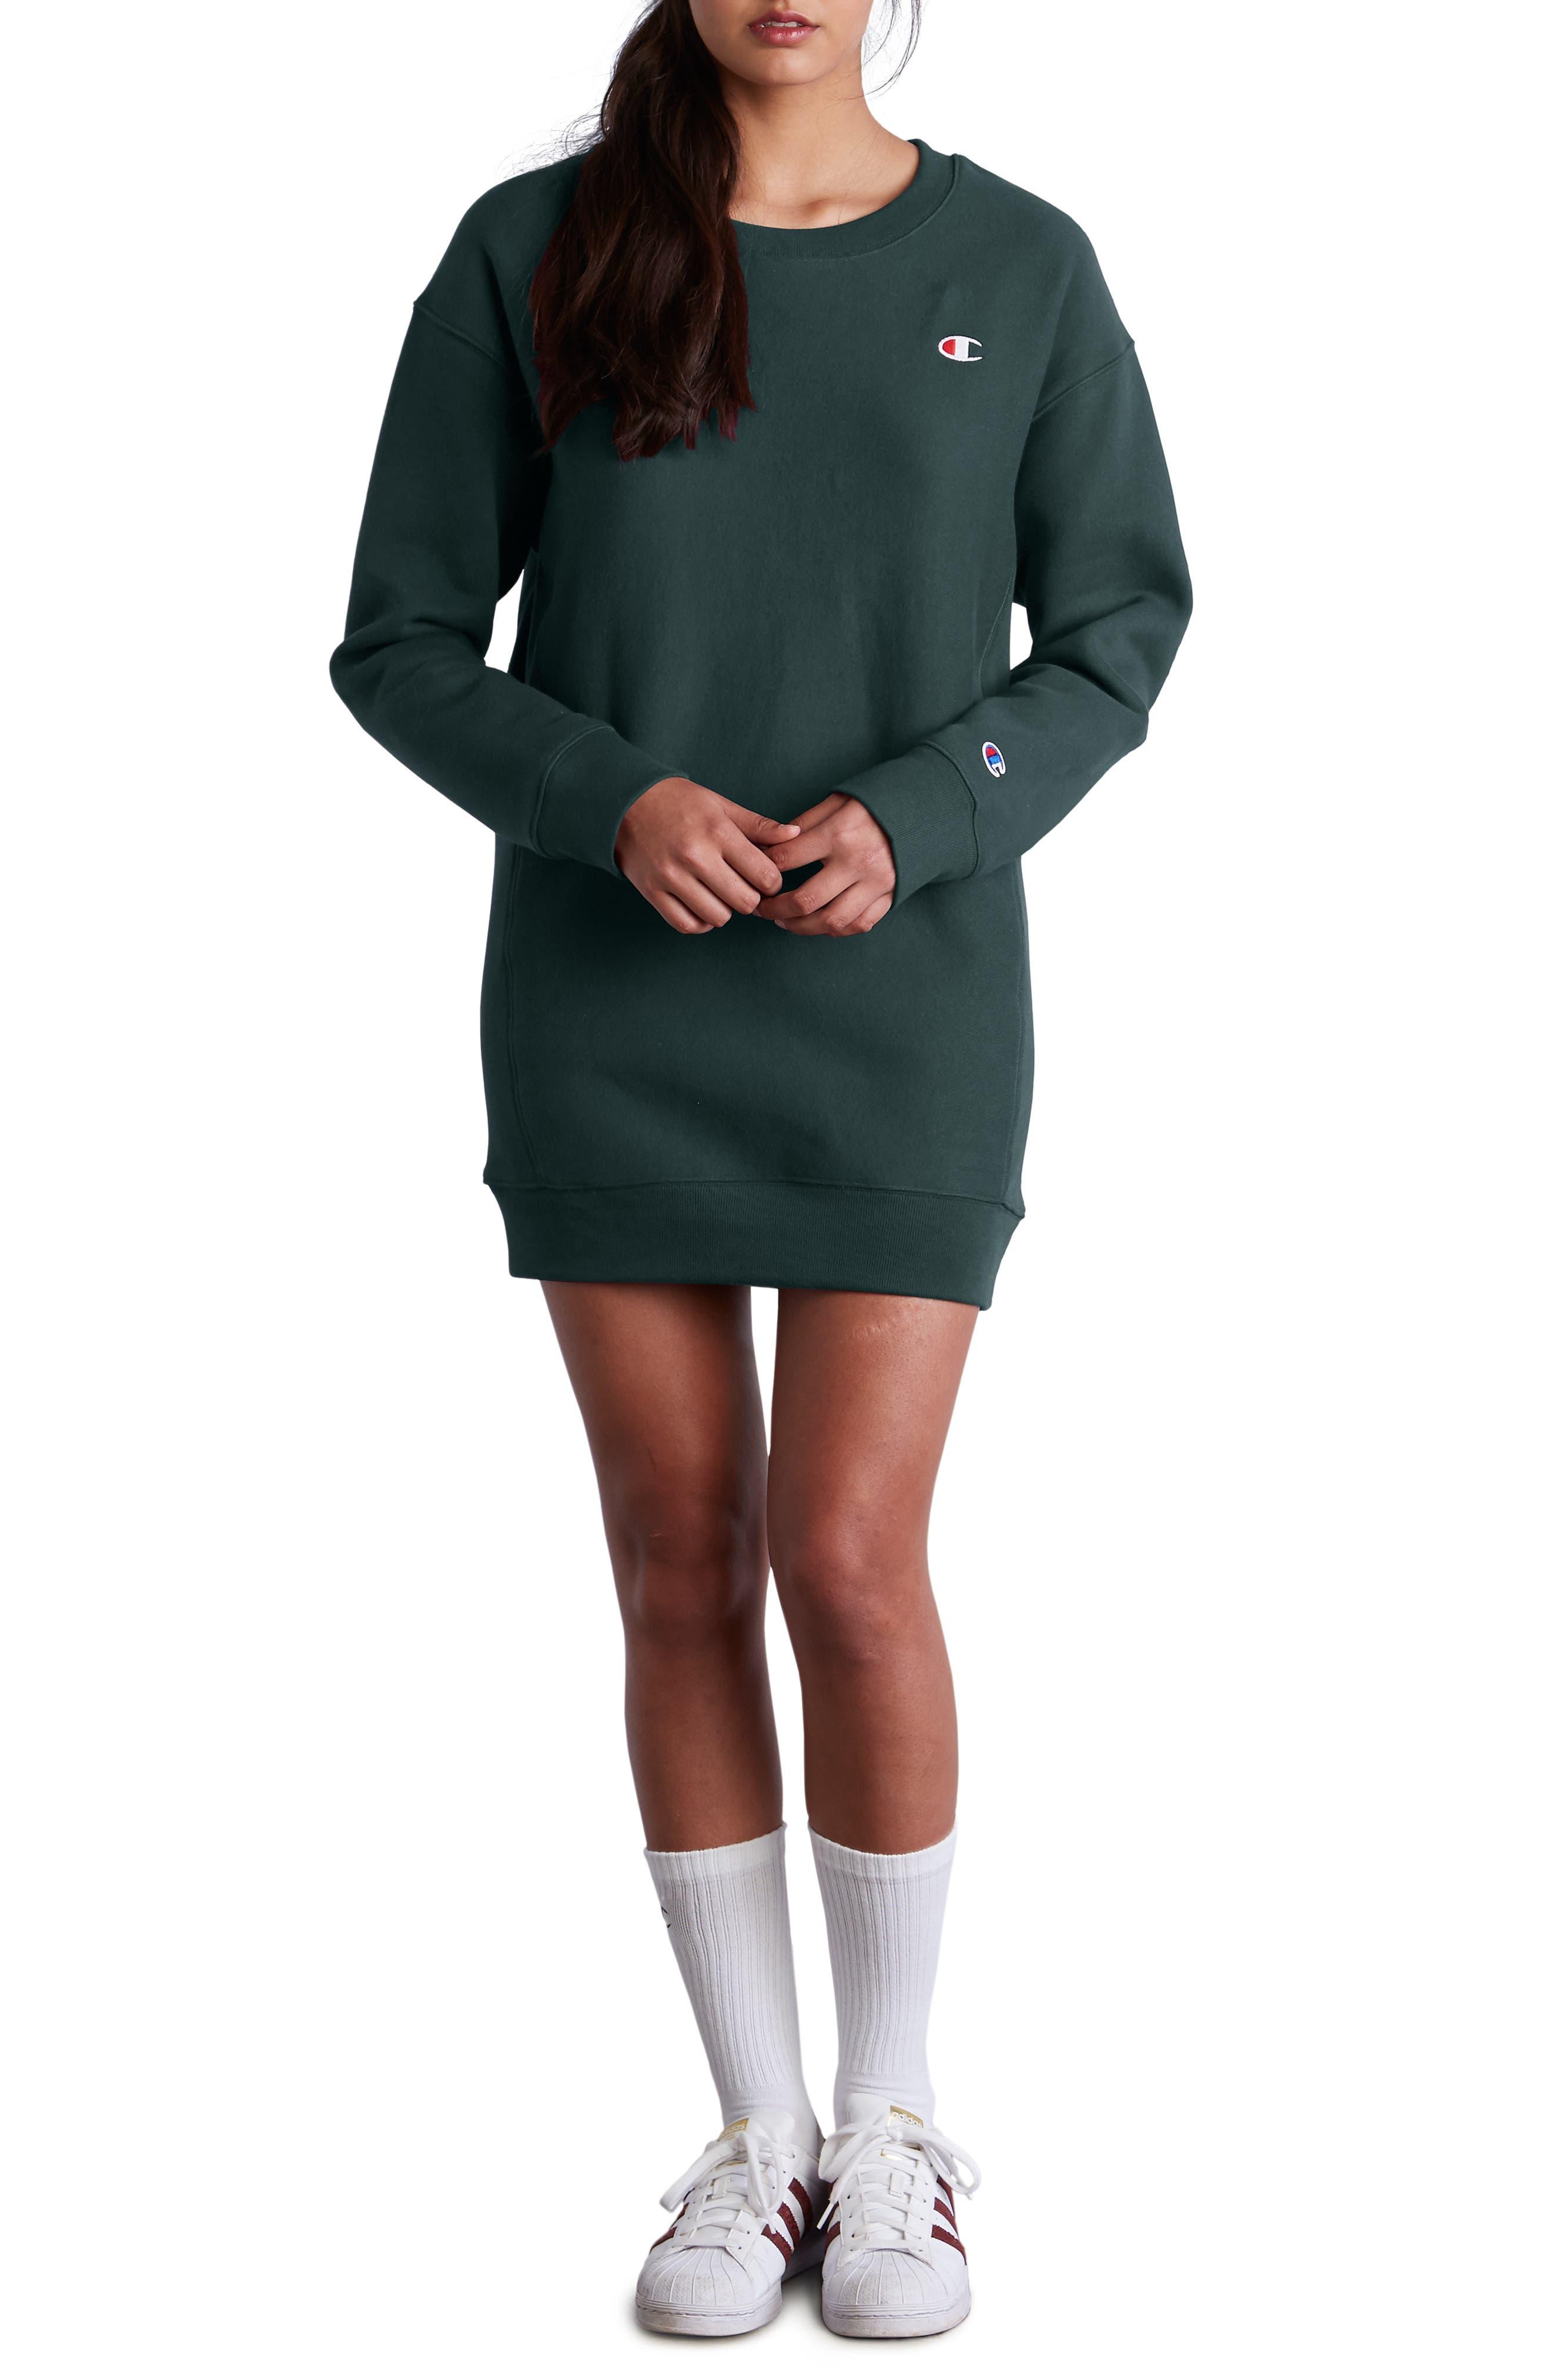 Reverse Weave<sup>®</sup> Sweatshirt Dress,                             Main thumbnail 1, color,                             LAKESIDE GREEN